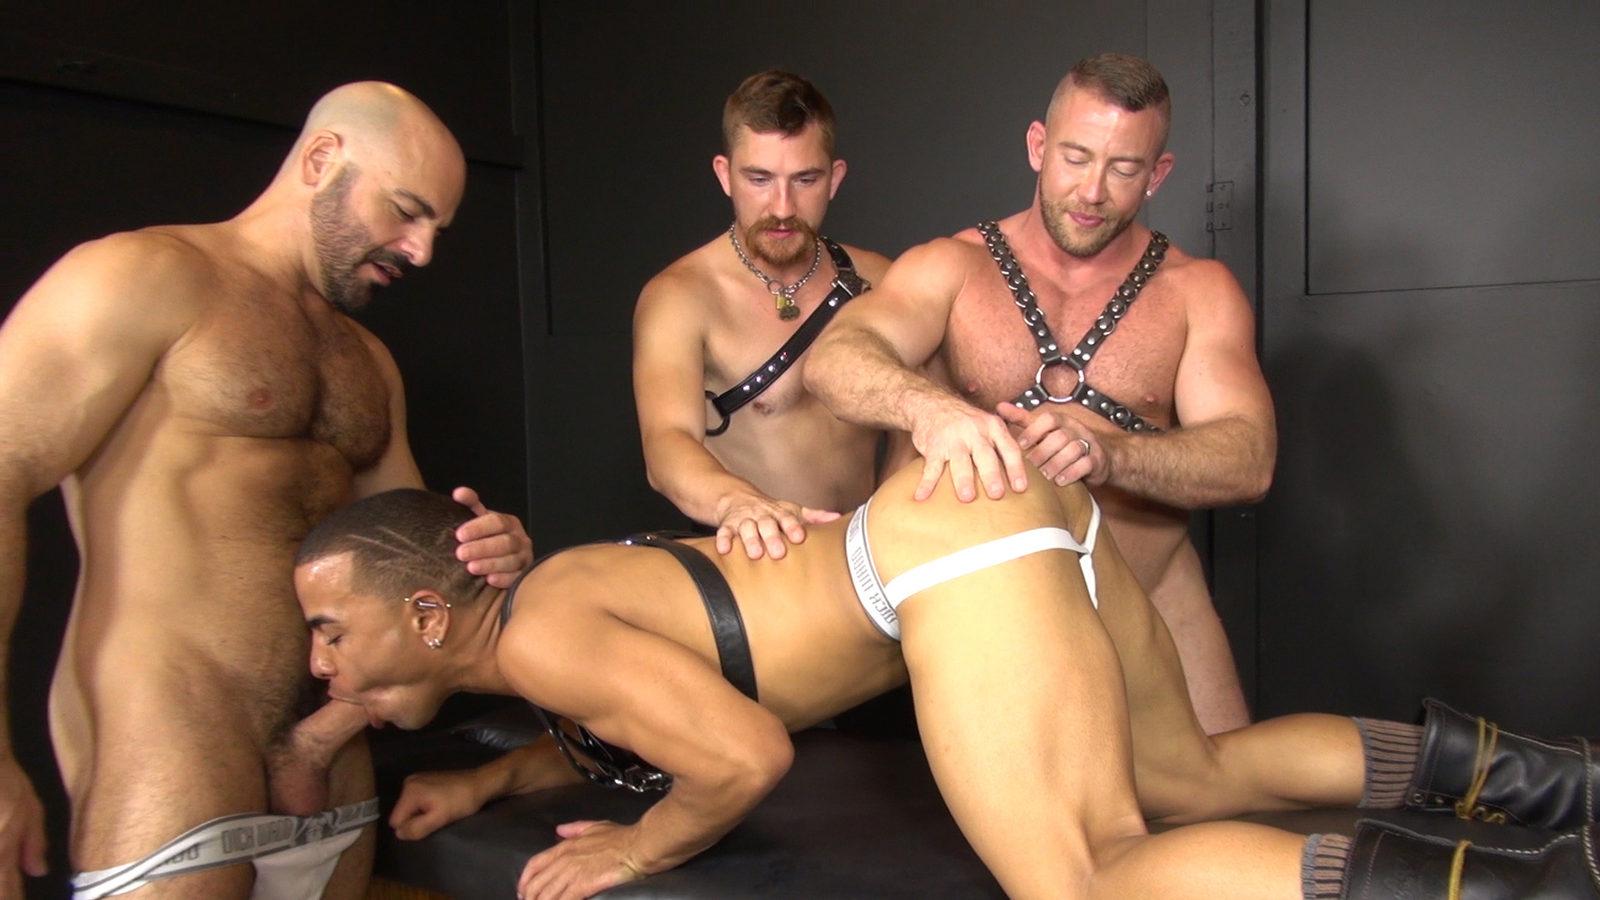 Strong gay men xxx